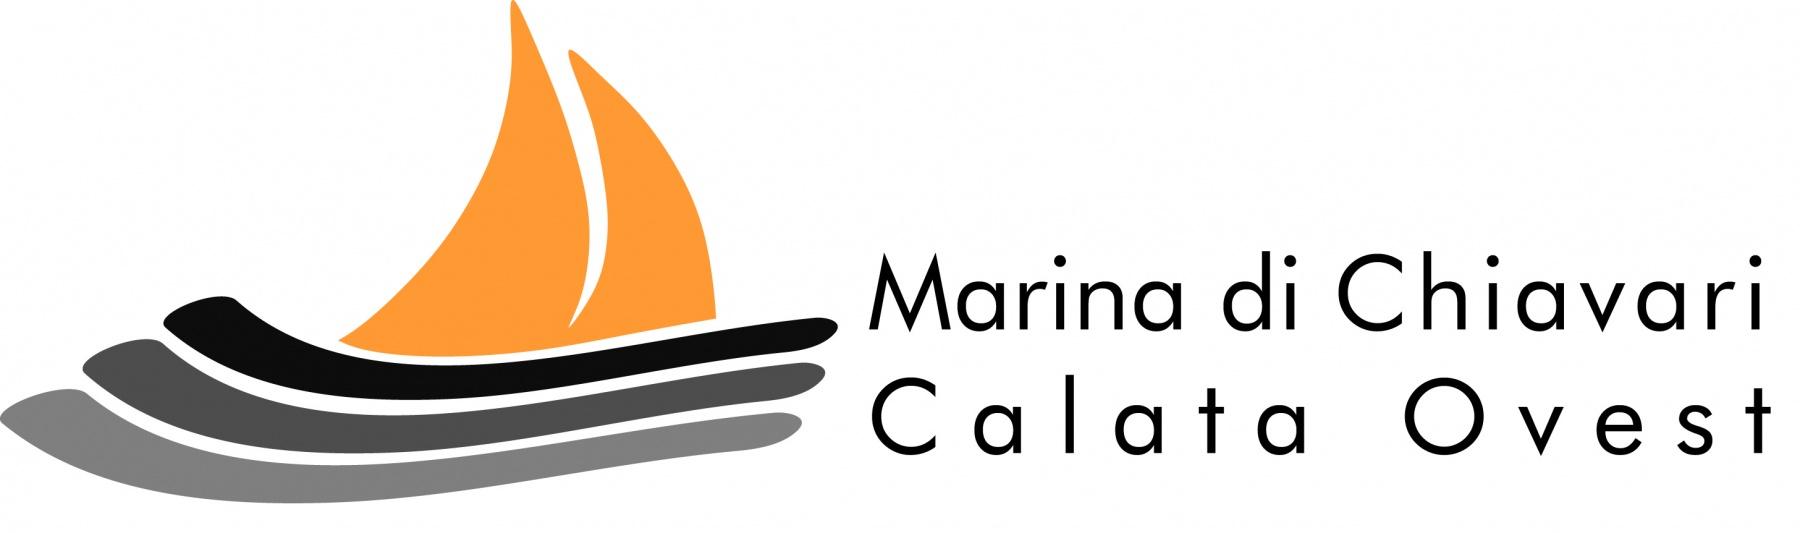 Logo Chiavari pantone 136EC